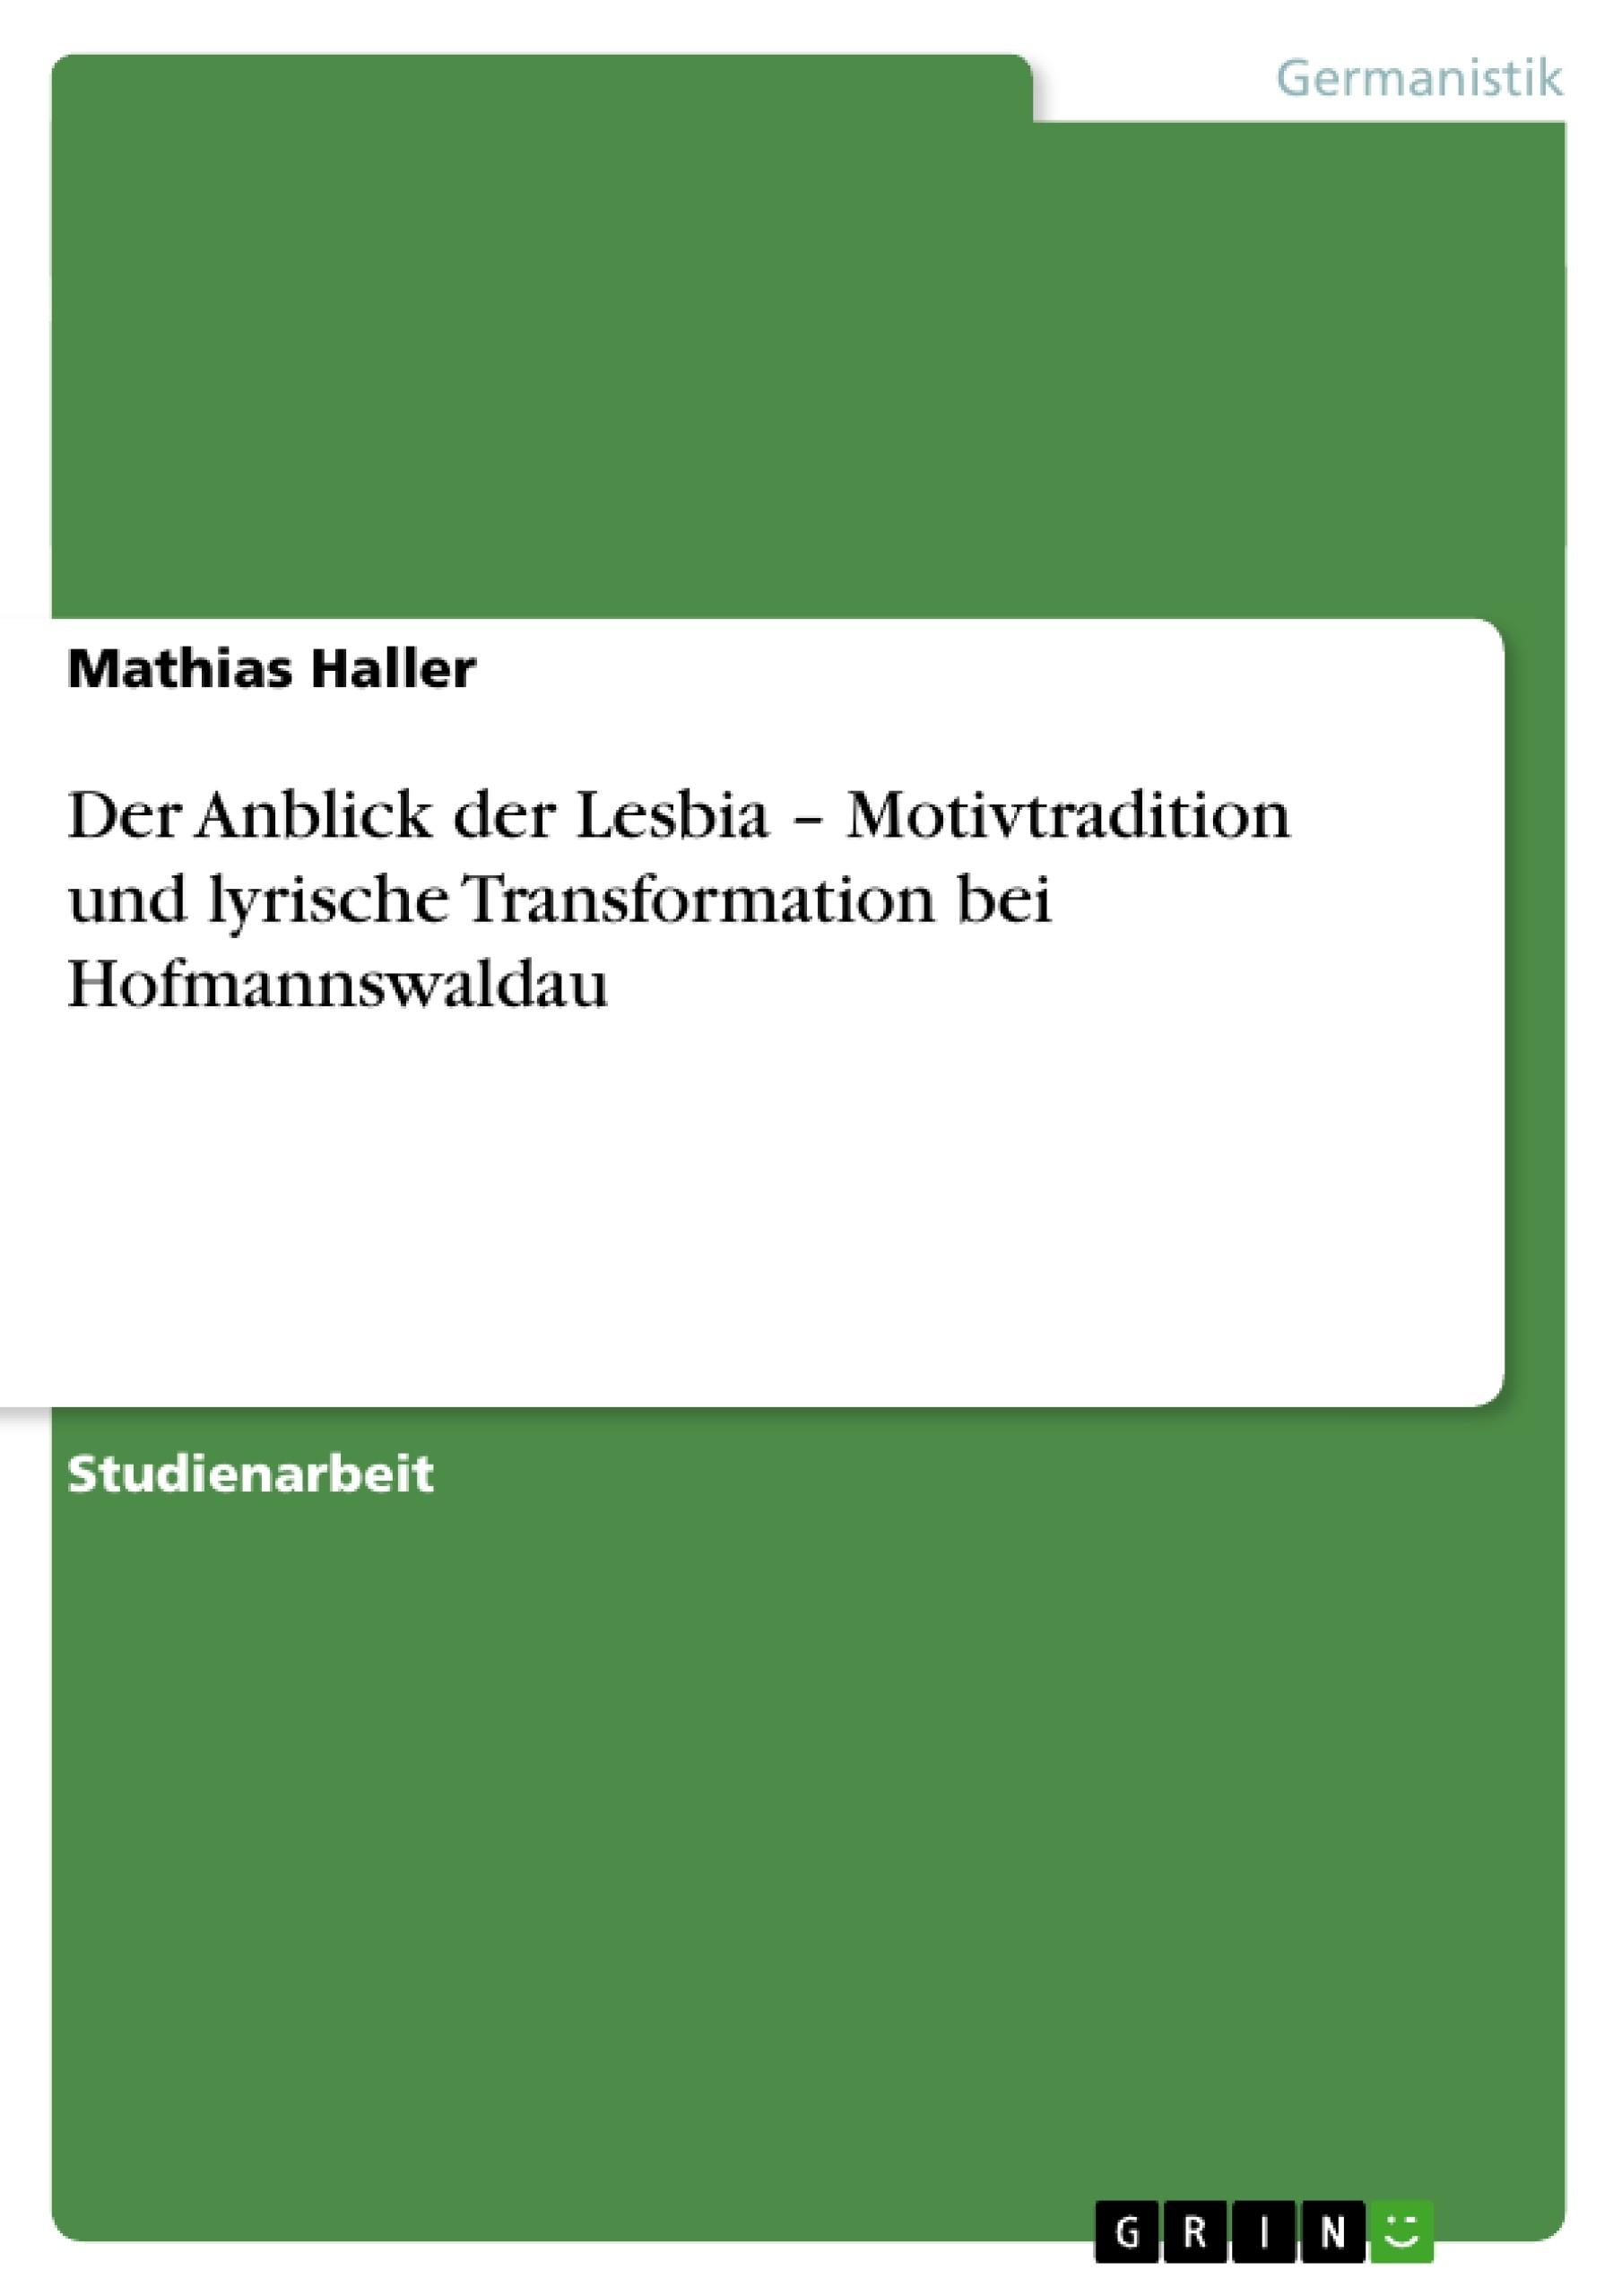 Titel: Der Anblick der Lesbia – Motivtradition und lyrische Transformation bei Hofmannswaldau